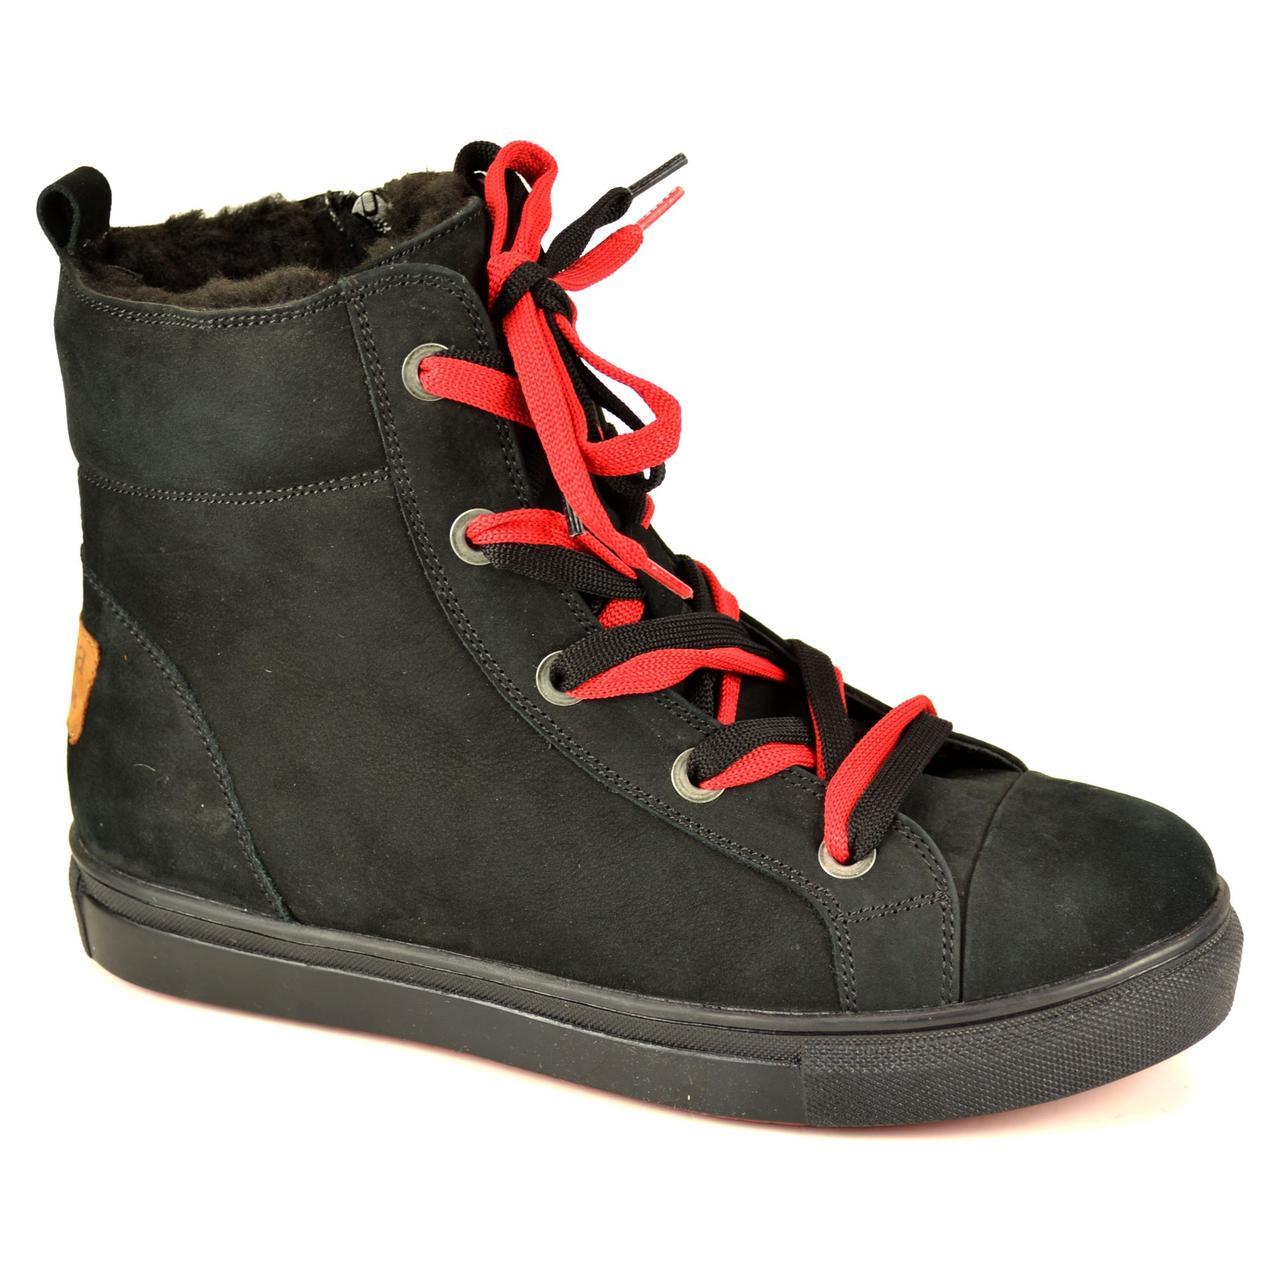 092943b26 Женские повседневные ботинки Selesta код: 011866, размеры: 36, 37, 38,